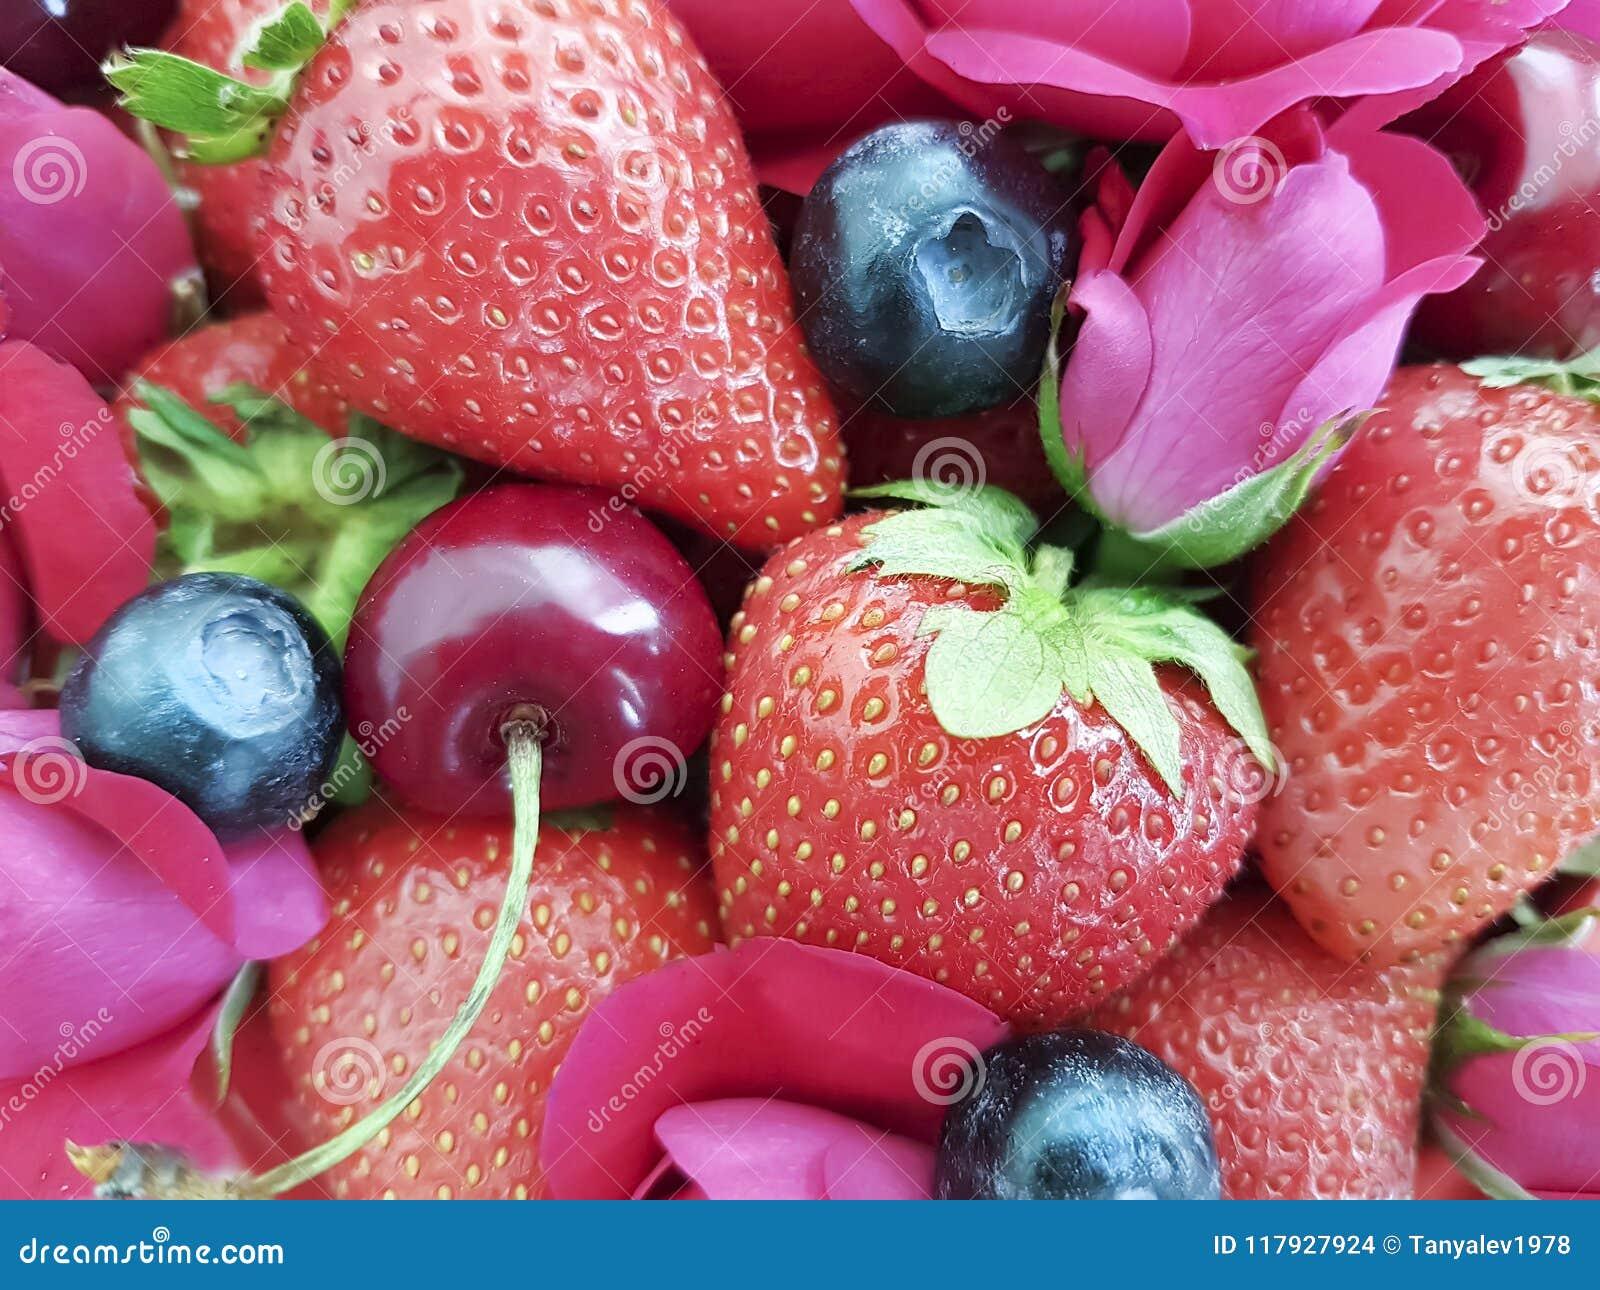 Jordgubbekörsbär, bakgrund för blomma för ros för blåbärefterrättuppfriskning